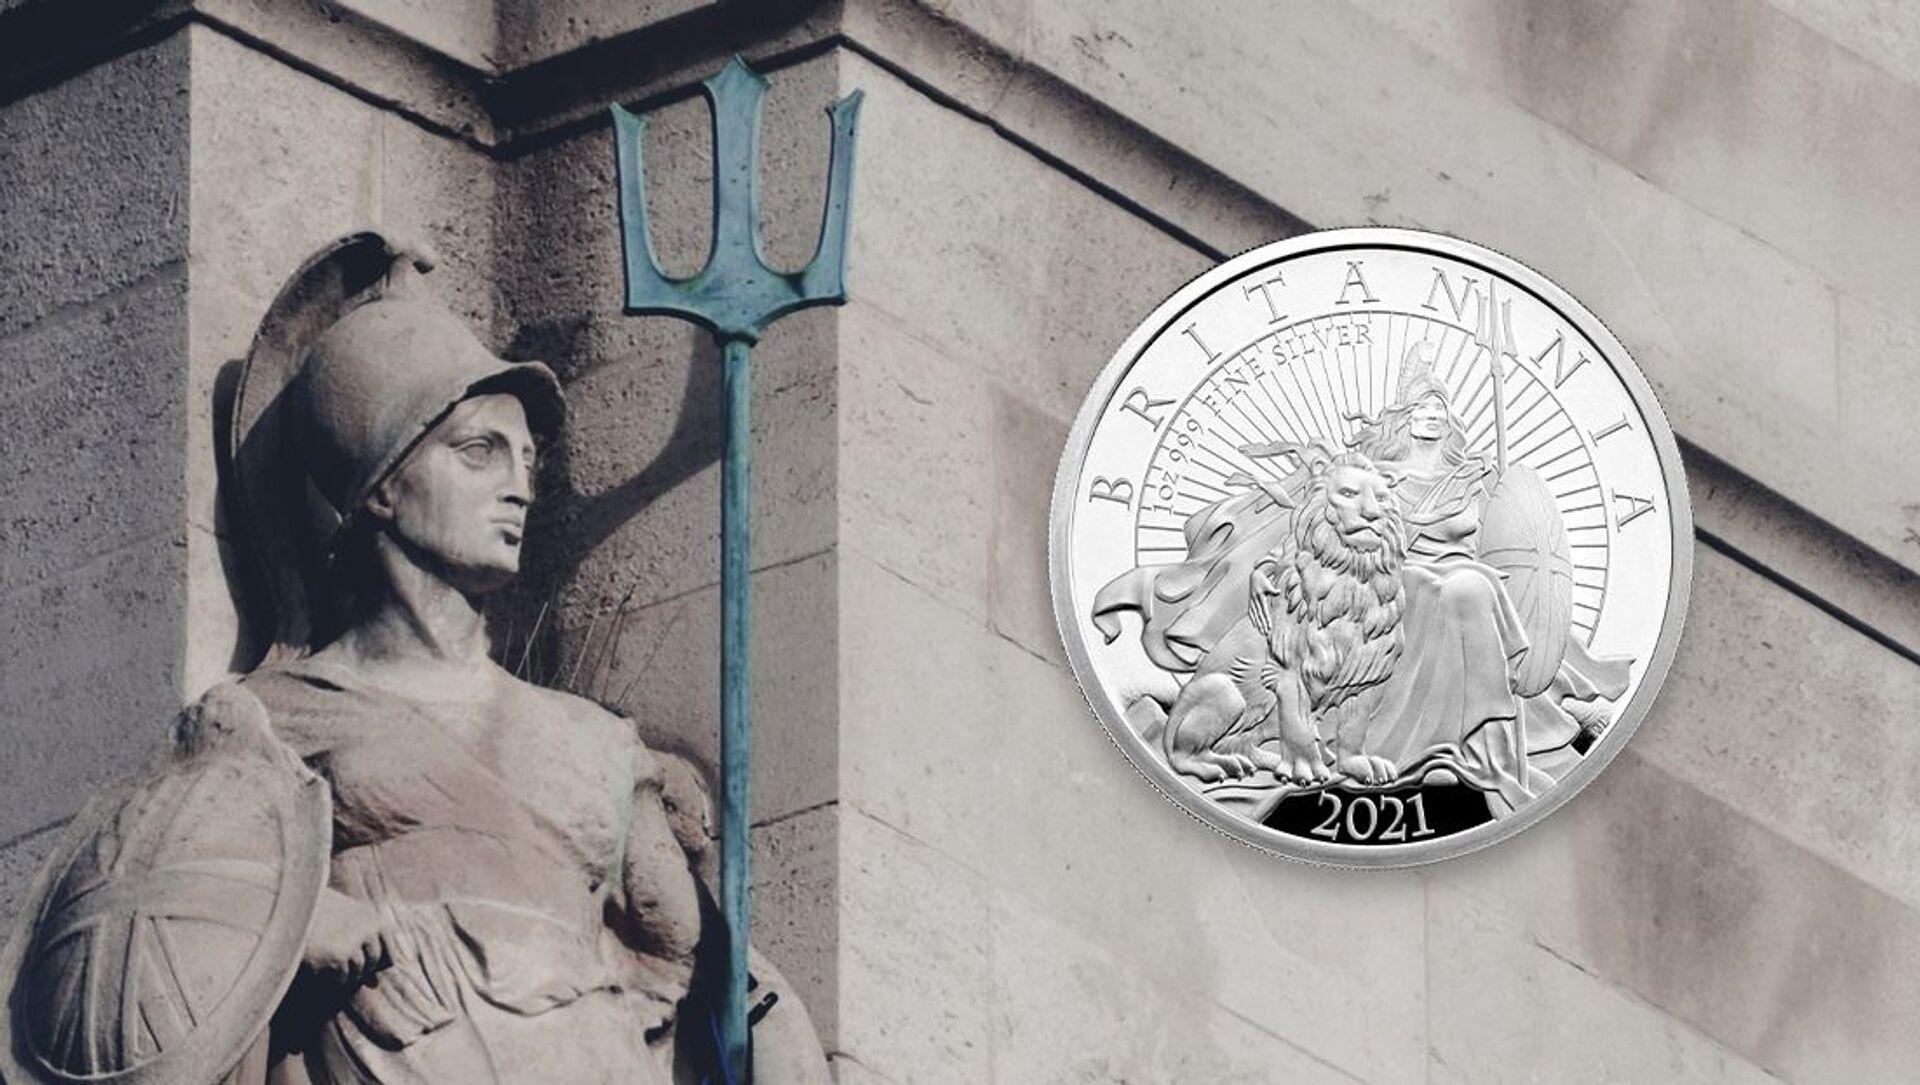 Regno Unito, la Zecca Reale conia nuova moneta che raffigura Britannia come donna di colore - Sputnik Italia, 1920, 19.03.2021